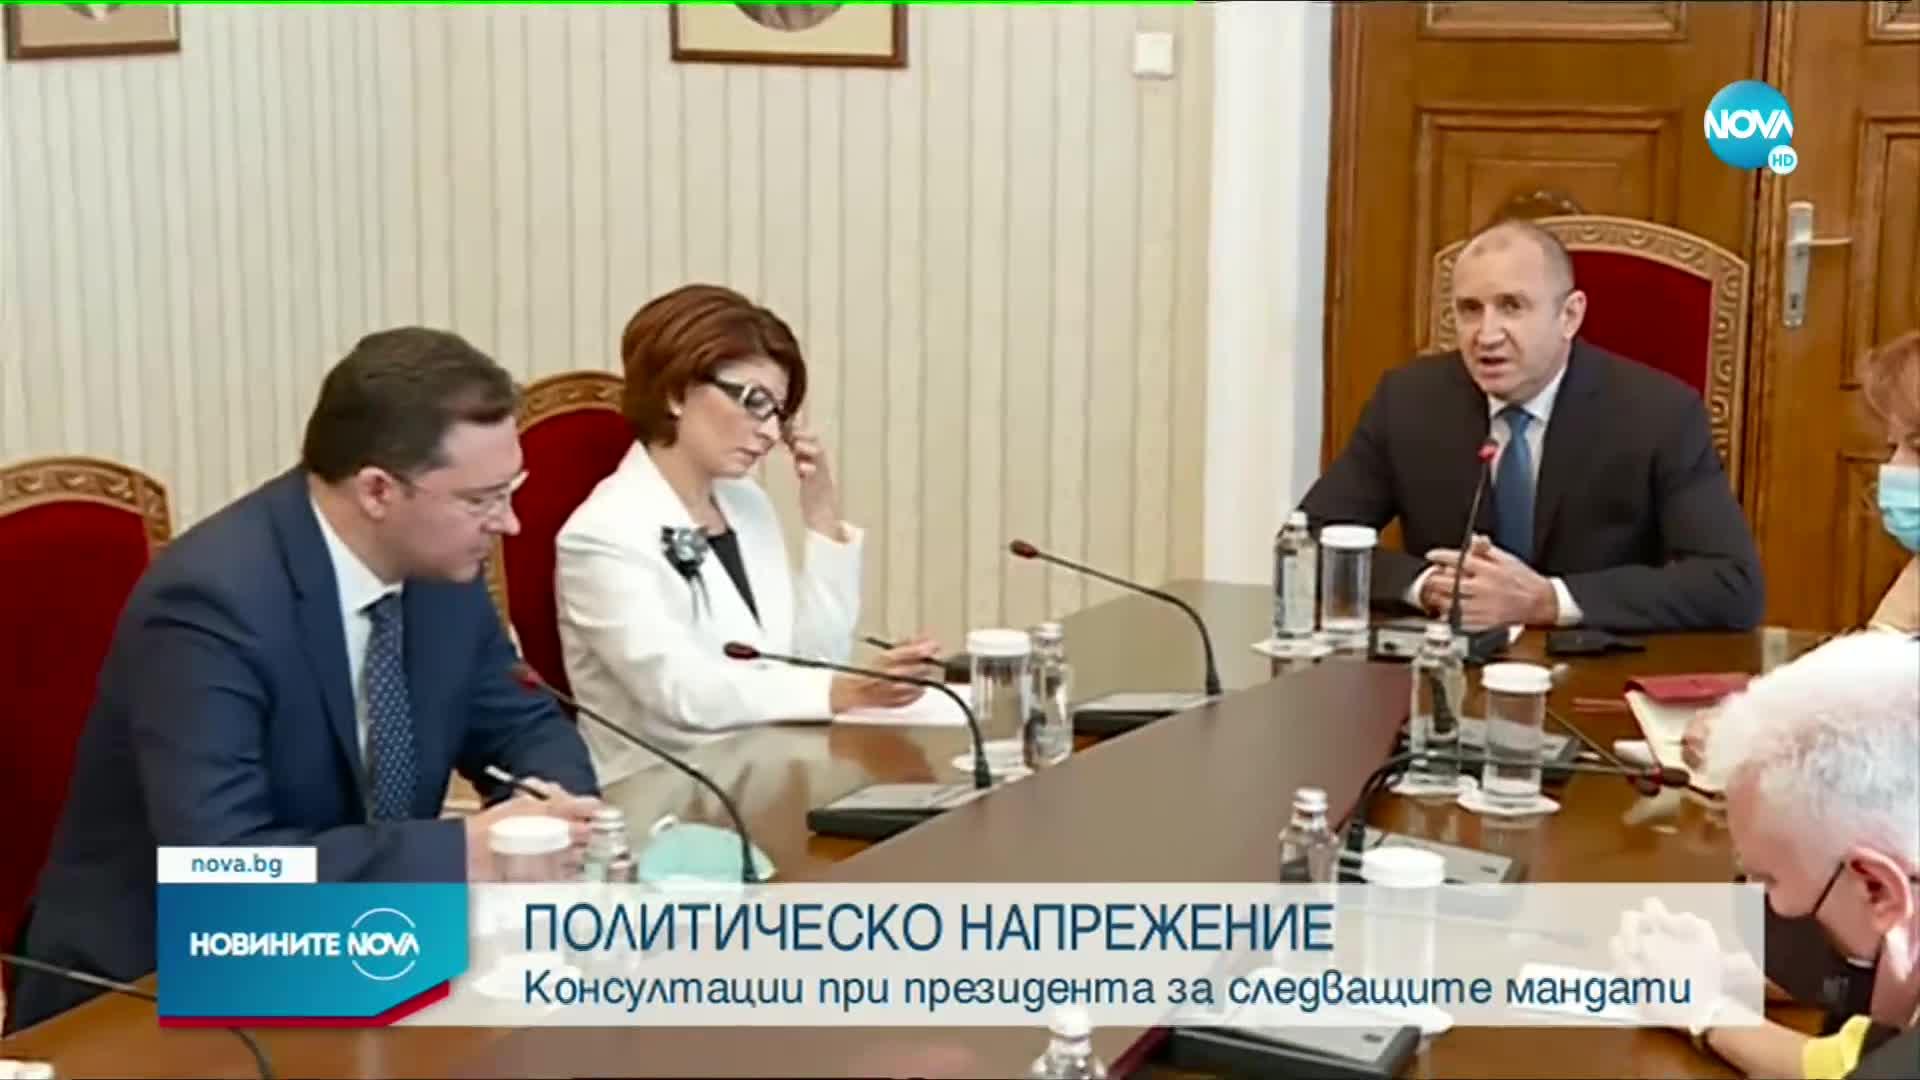 ВТОРИ КРЪГ: Президентът проведе консултации с първите три политически сили